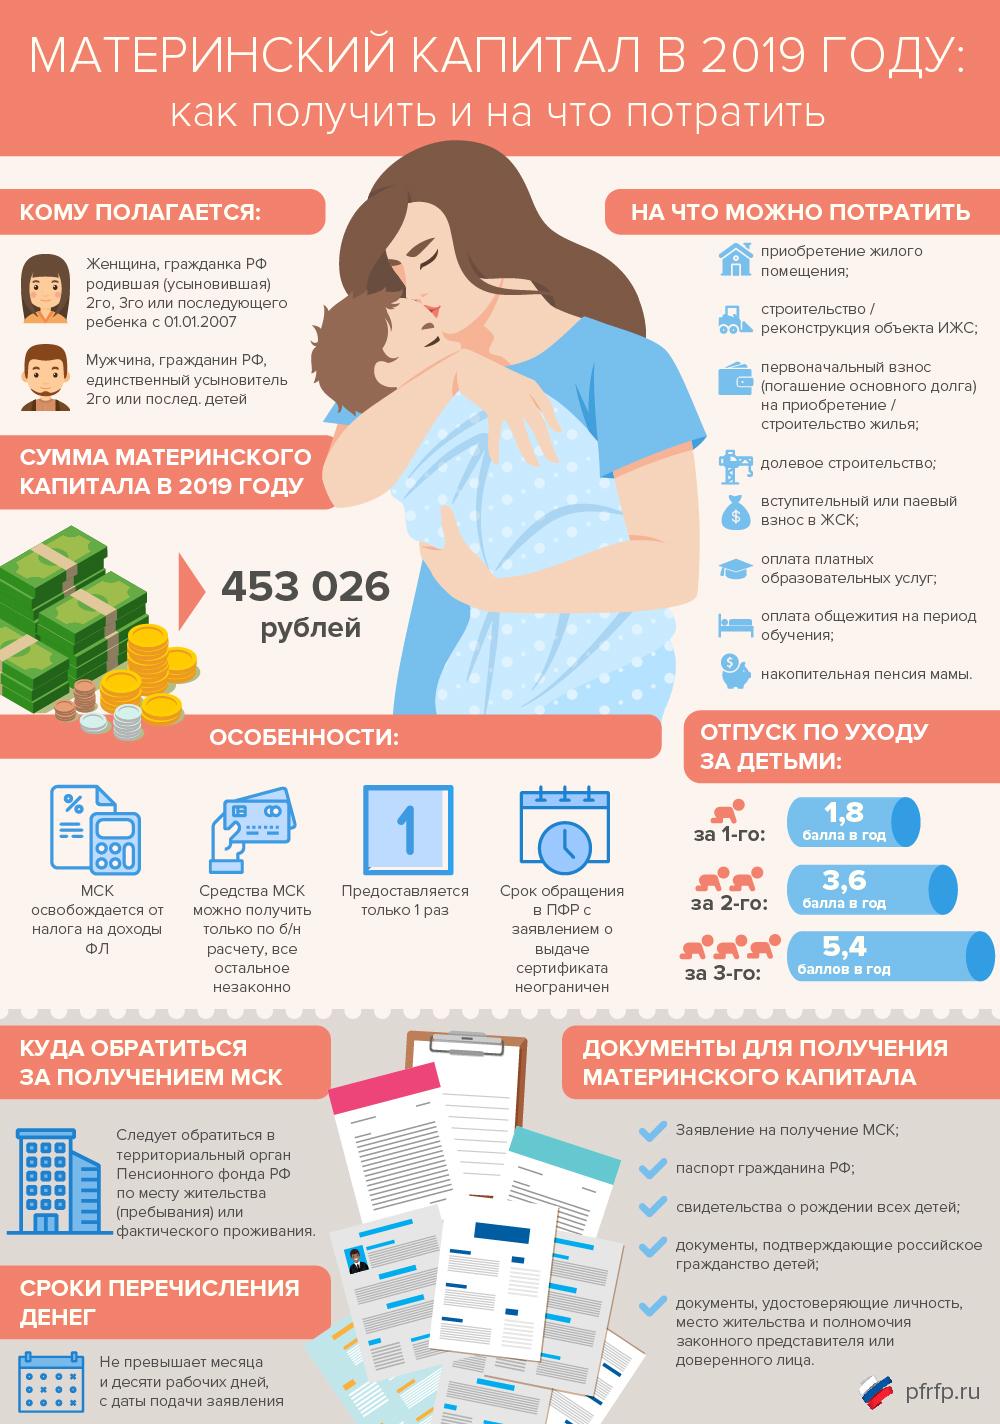 Можно ли потратить материнский капитал на ремонт квартиры или реконструкцию дома